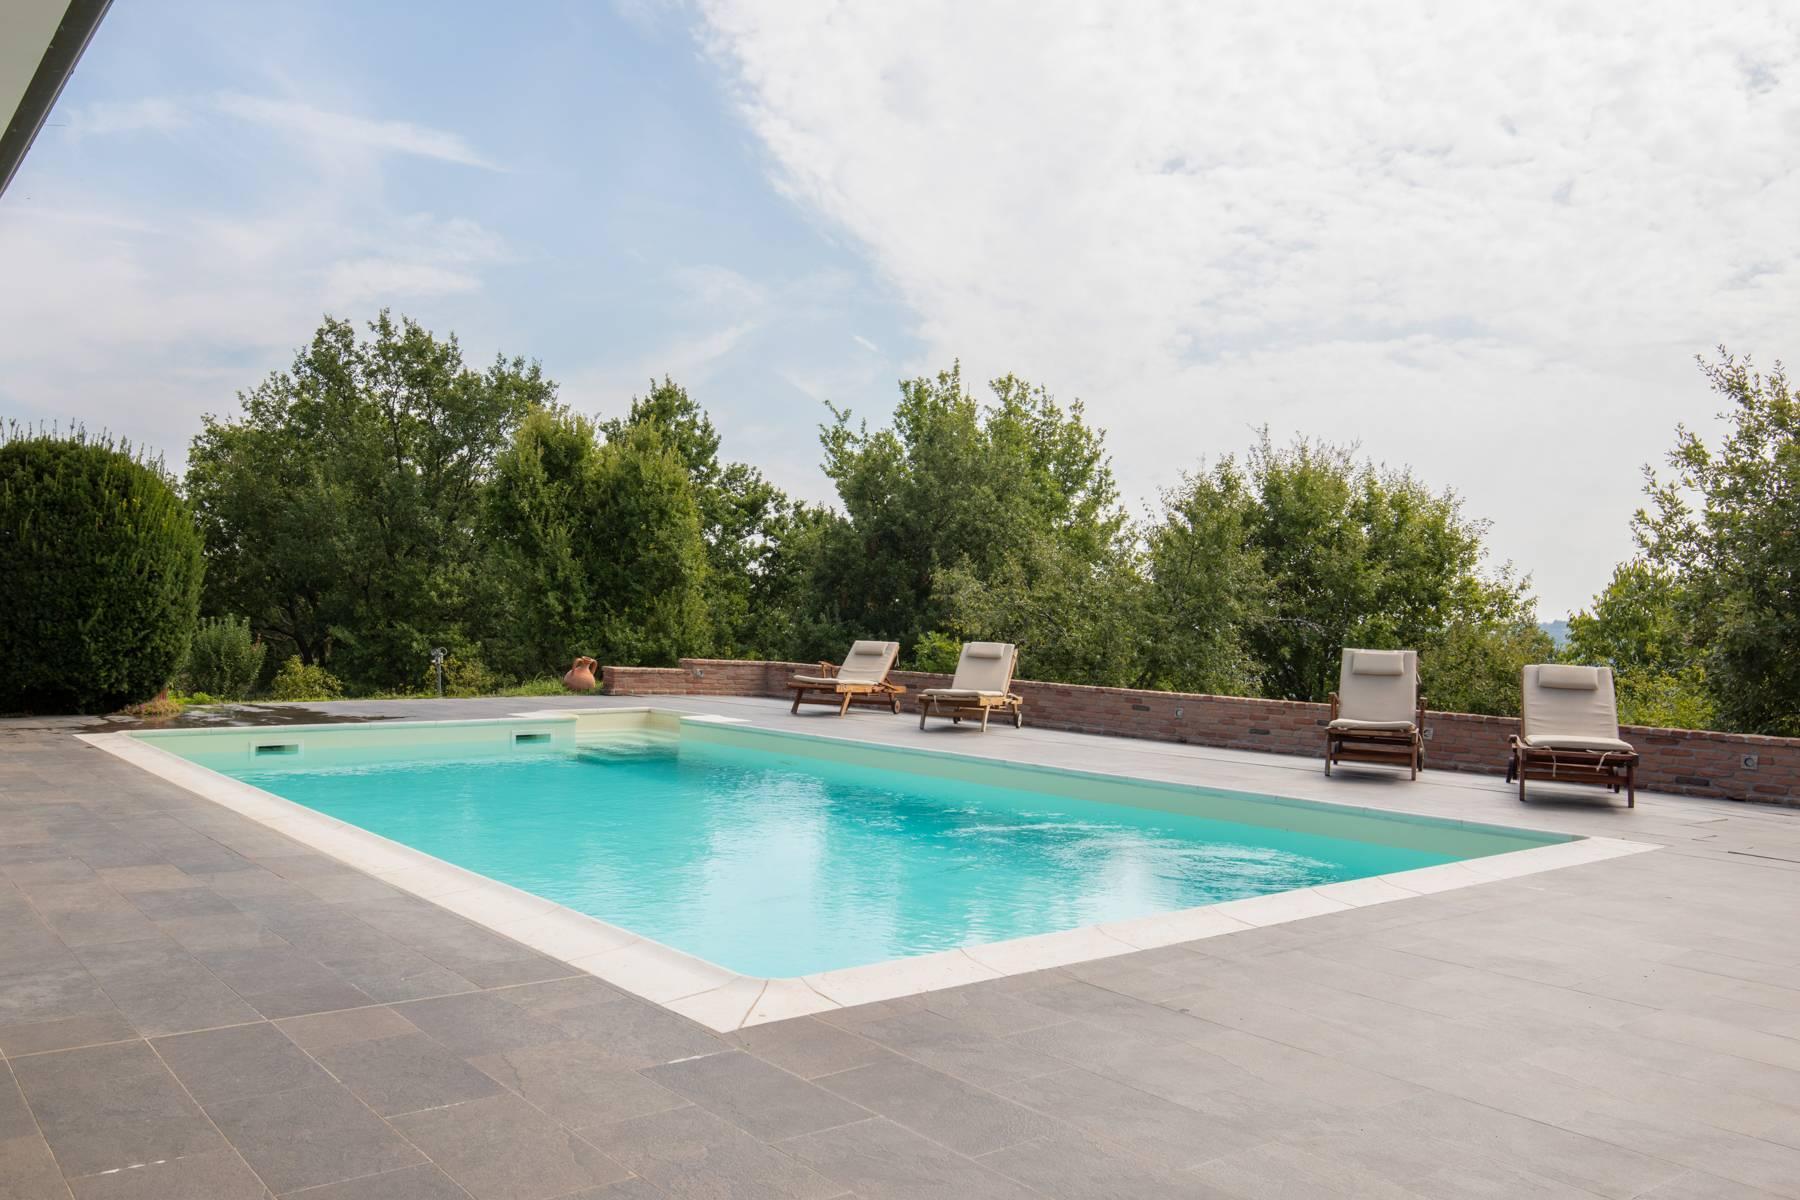 Villa con piscina nelle colline piacentine - 41